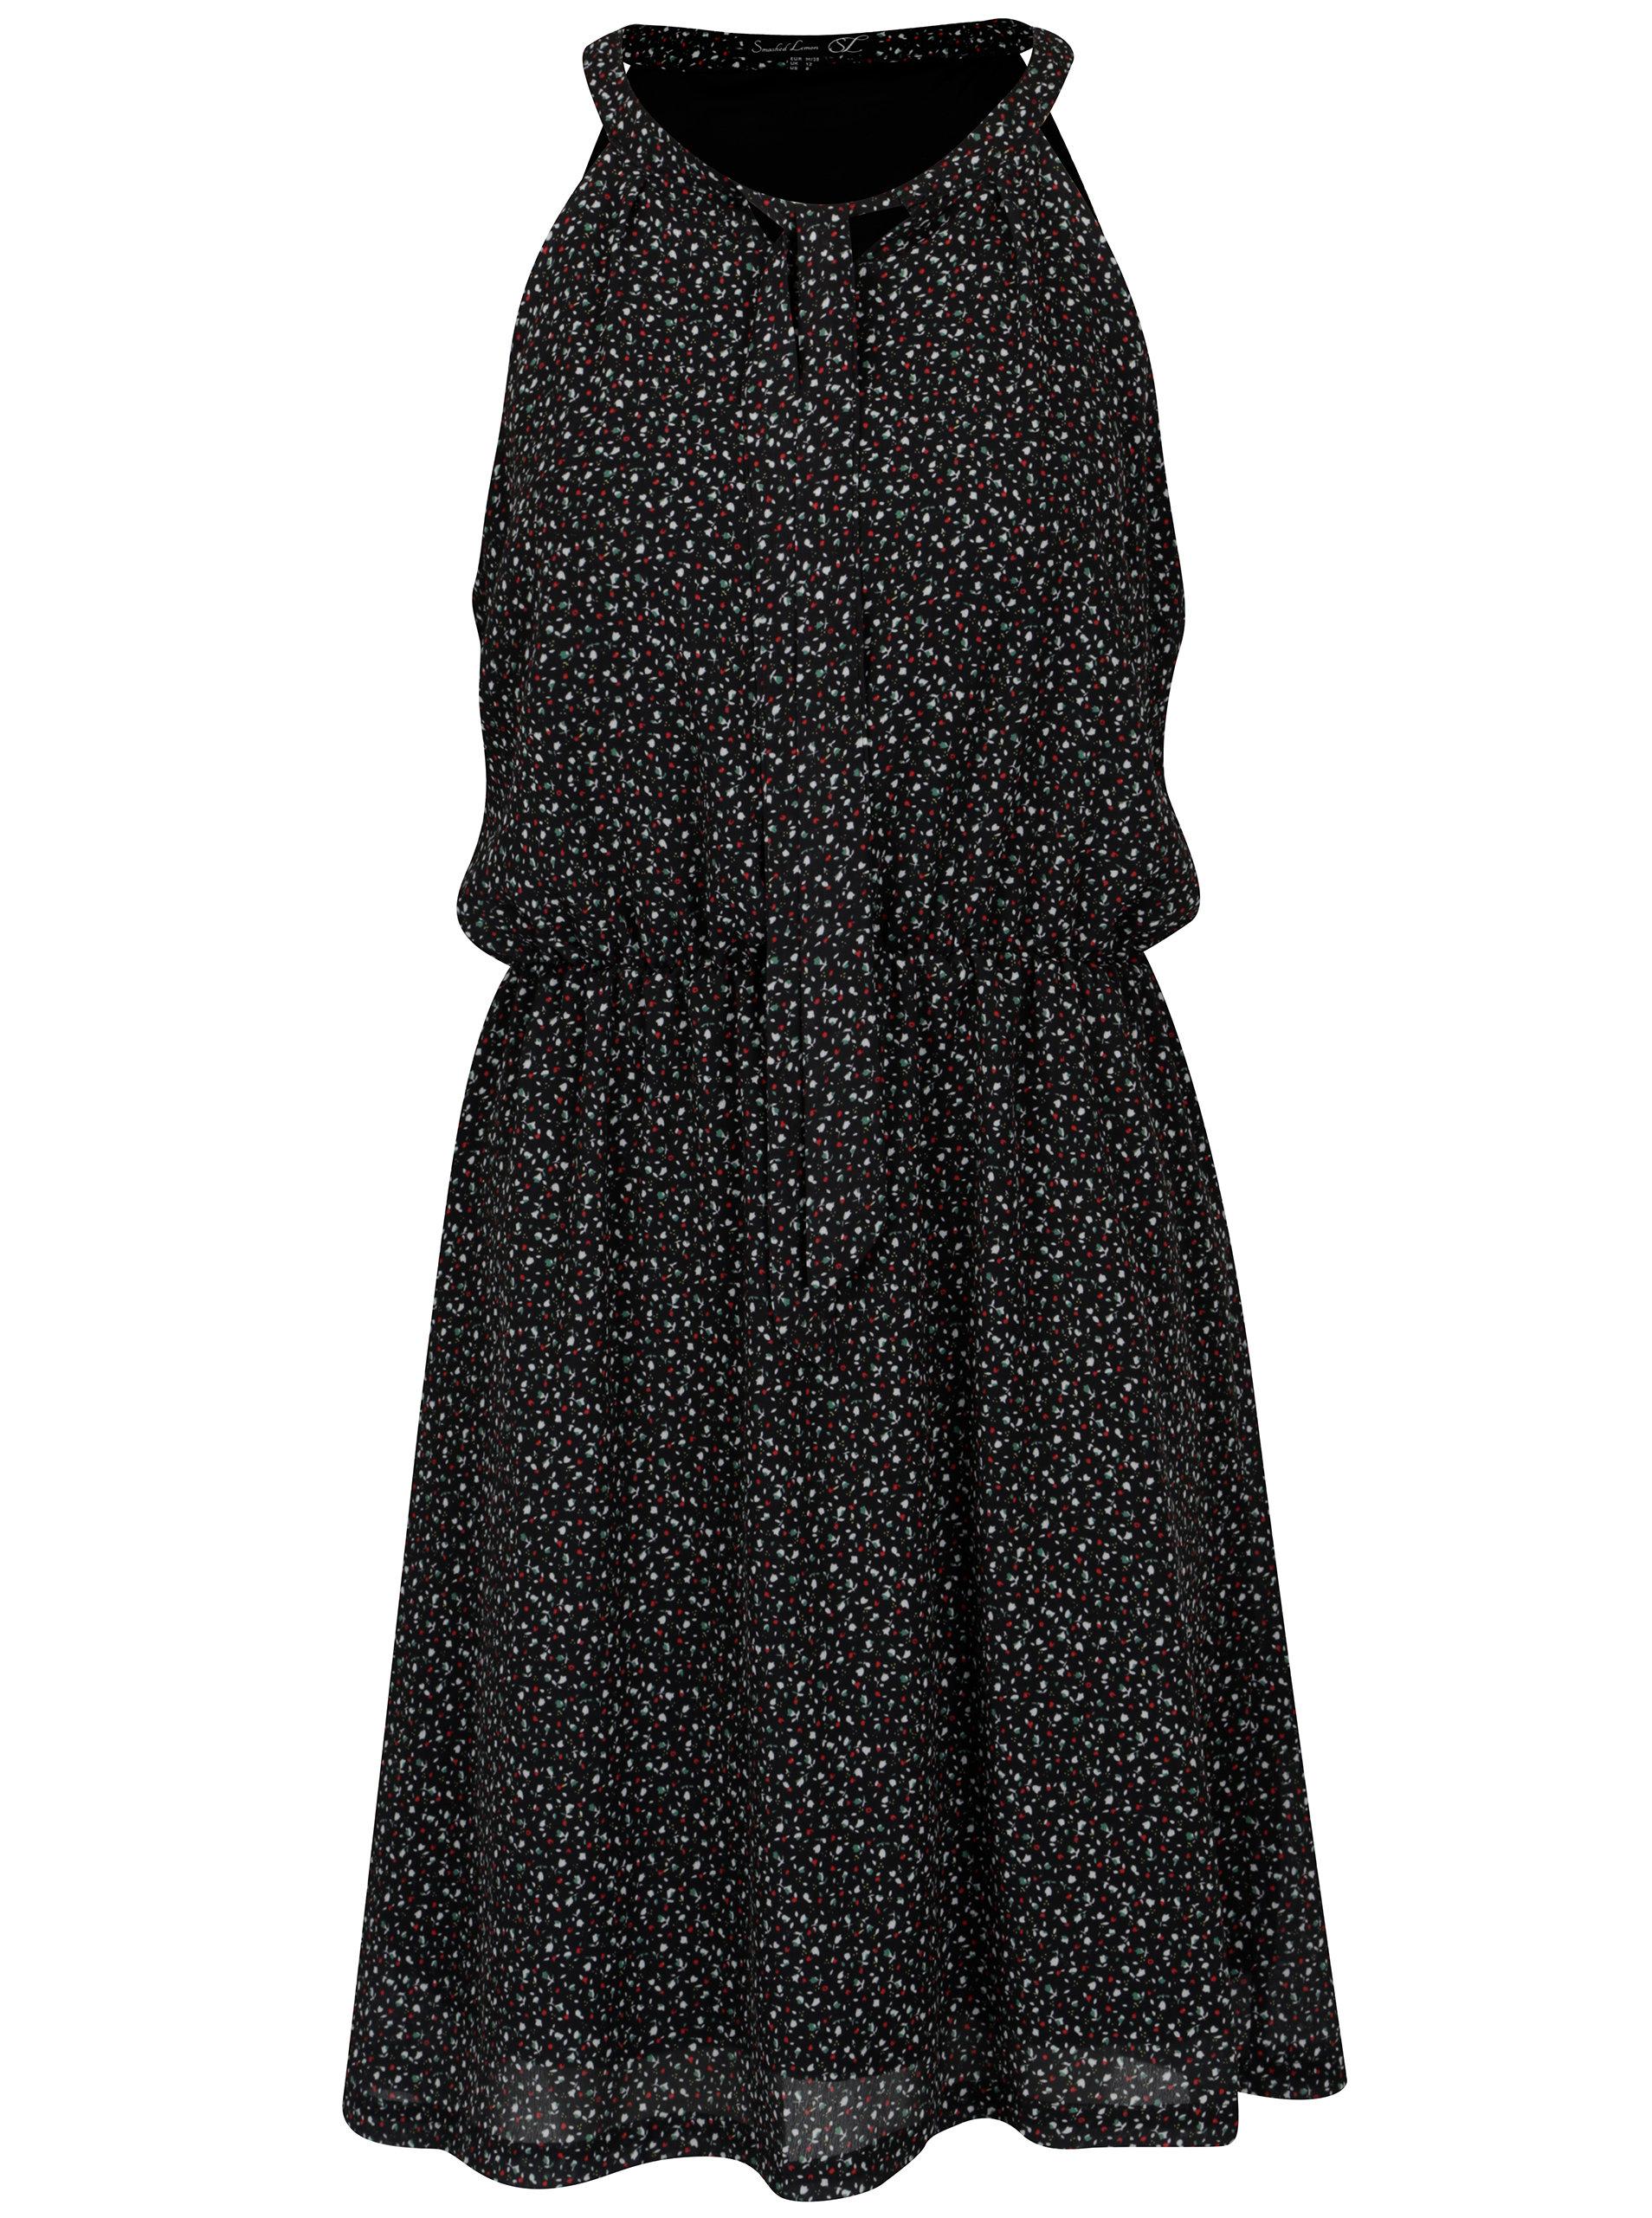 7704b6650 Čierne vzorované šaty s mašľou Smashed Lemon | ZOOT.sk